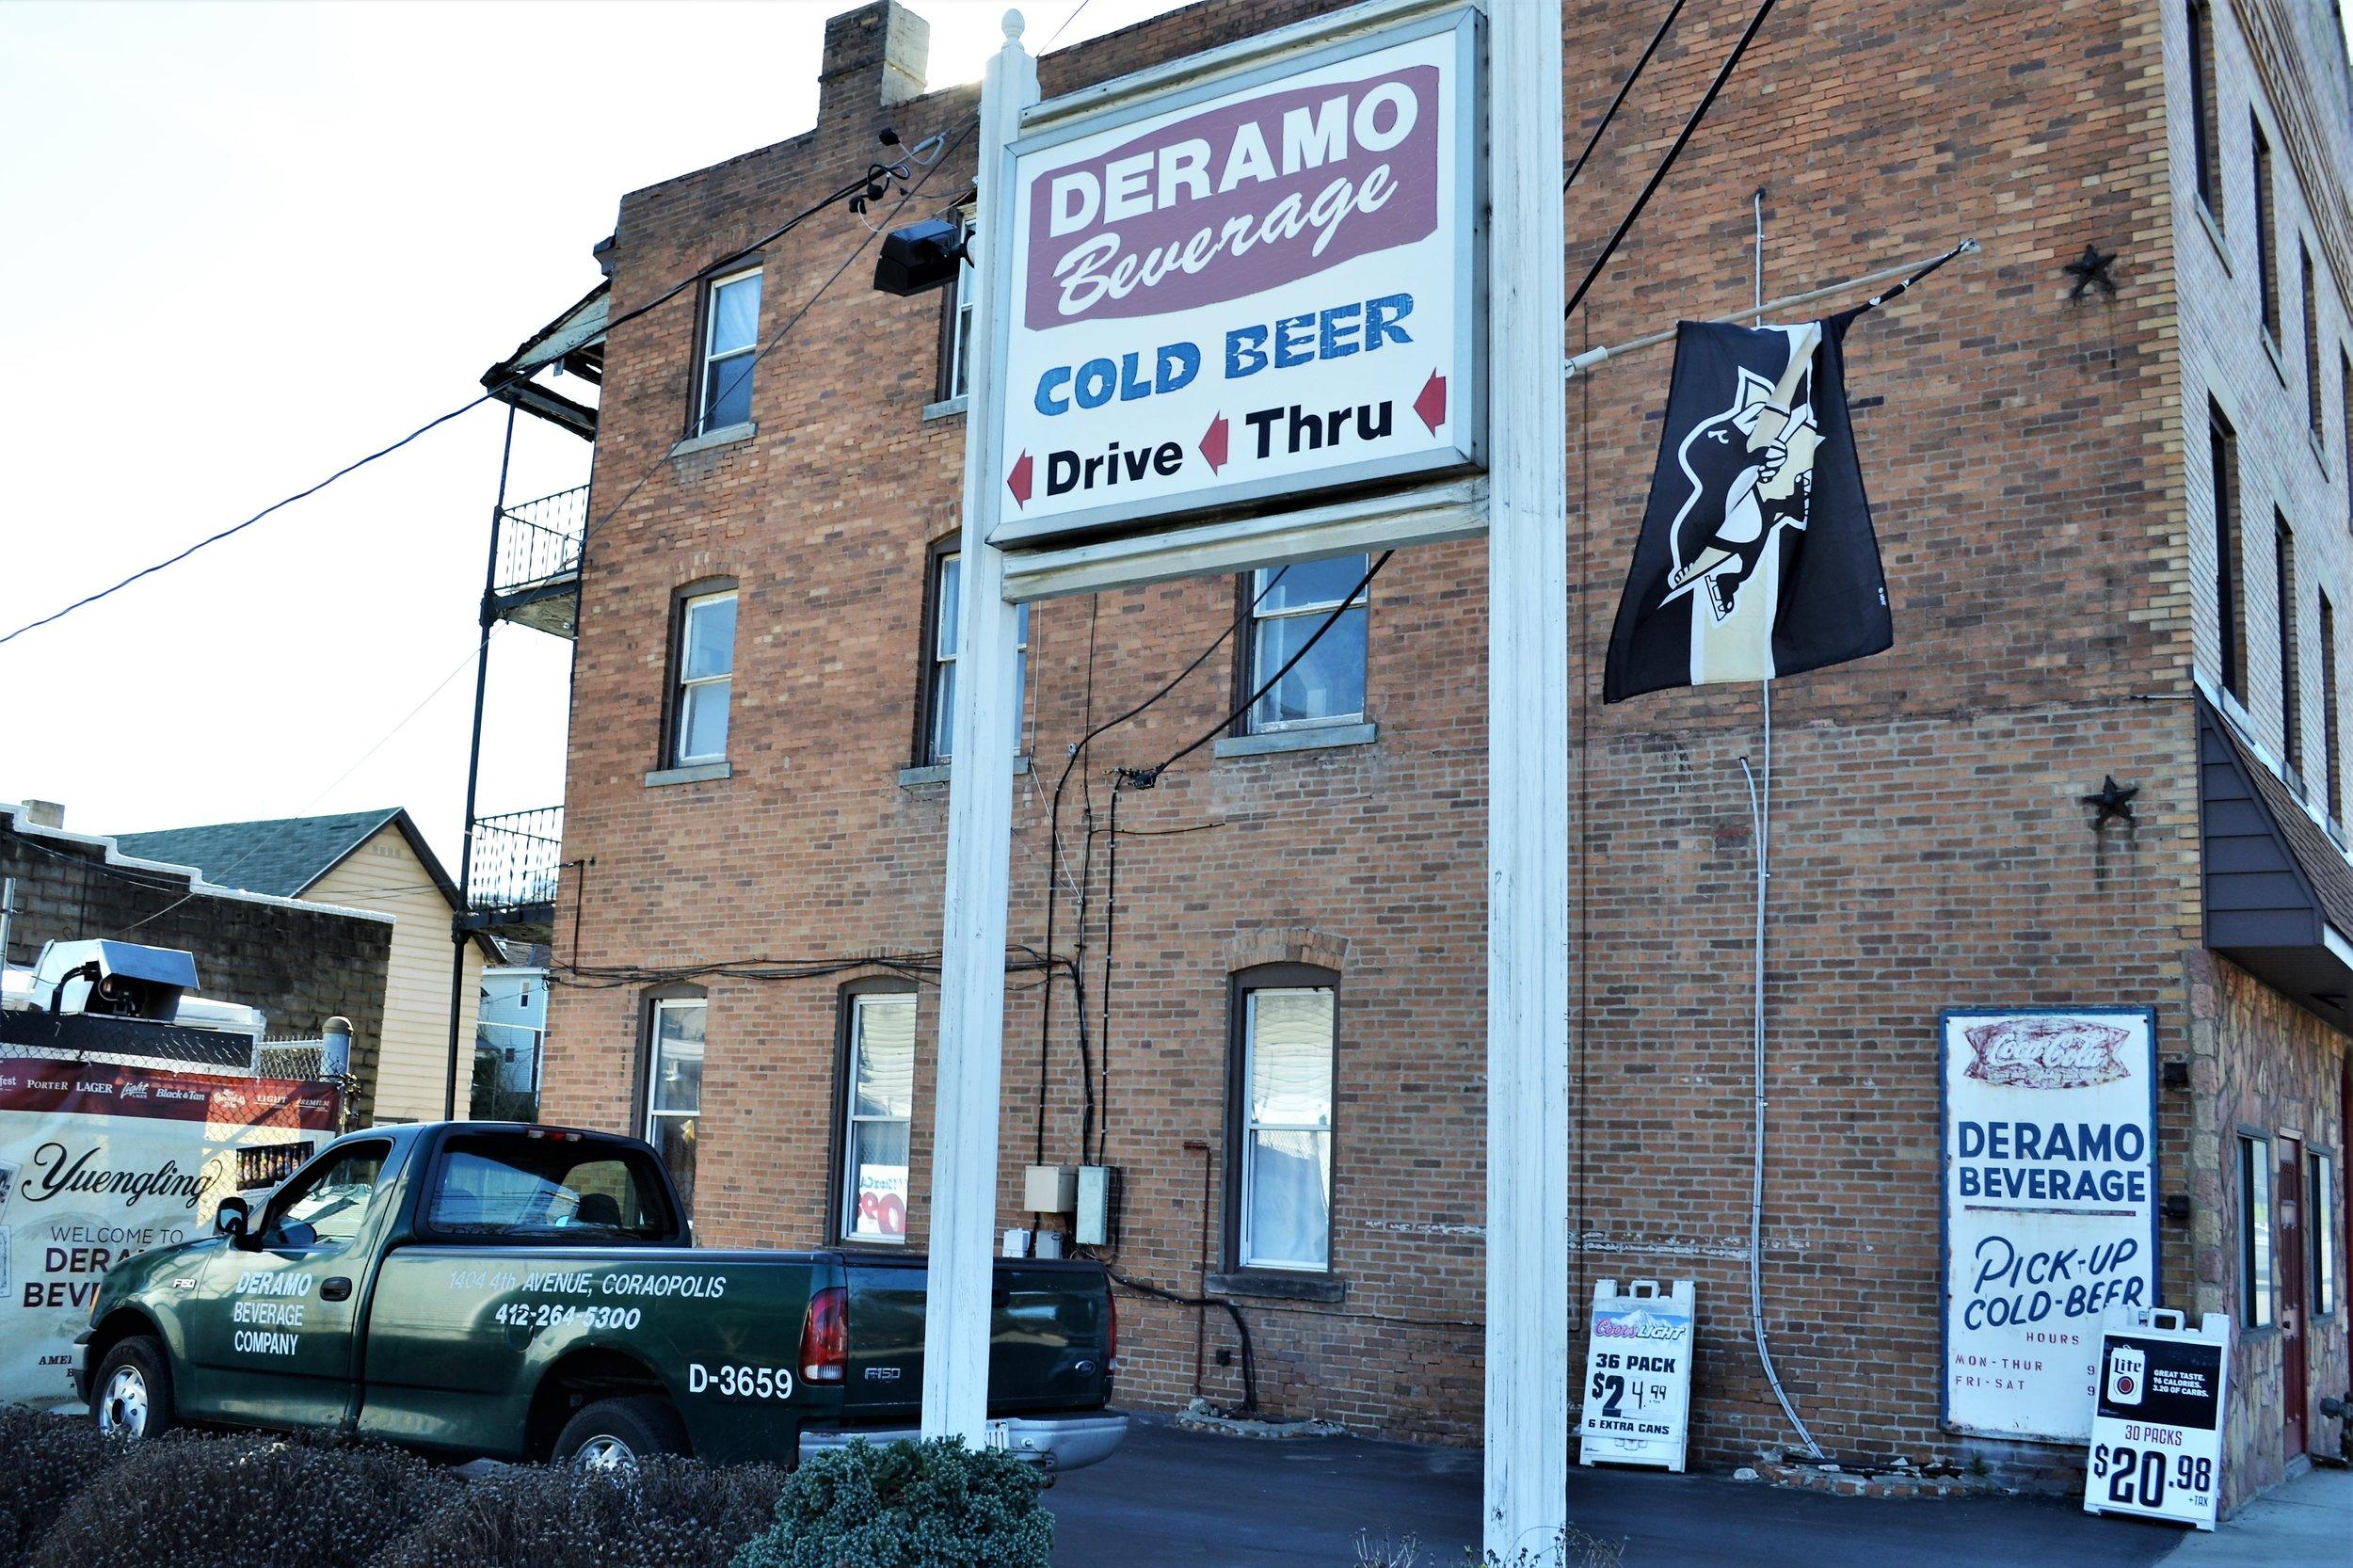 Deramo Beverage - 1404 4th St, (412) 264-5300